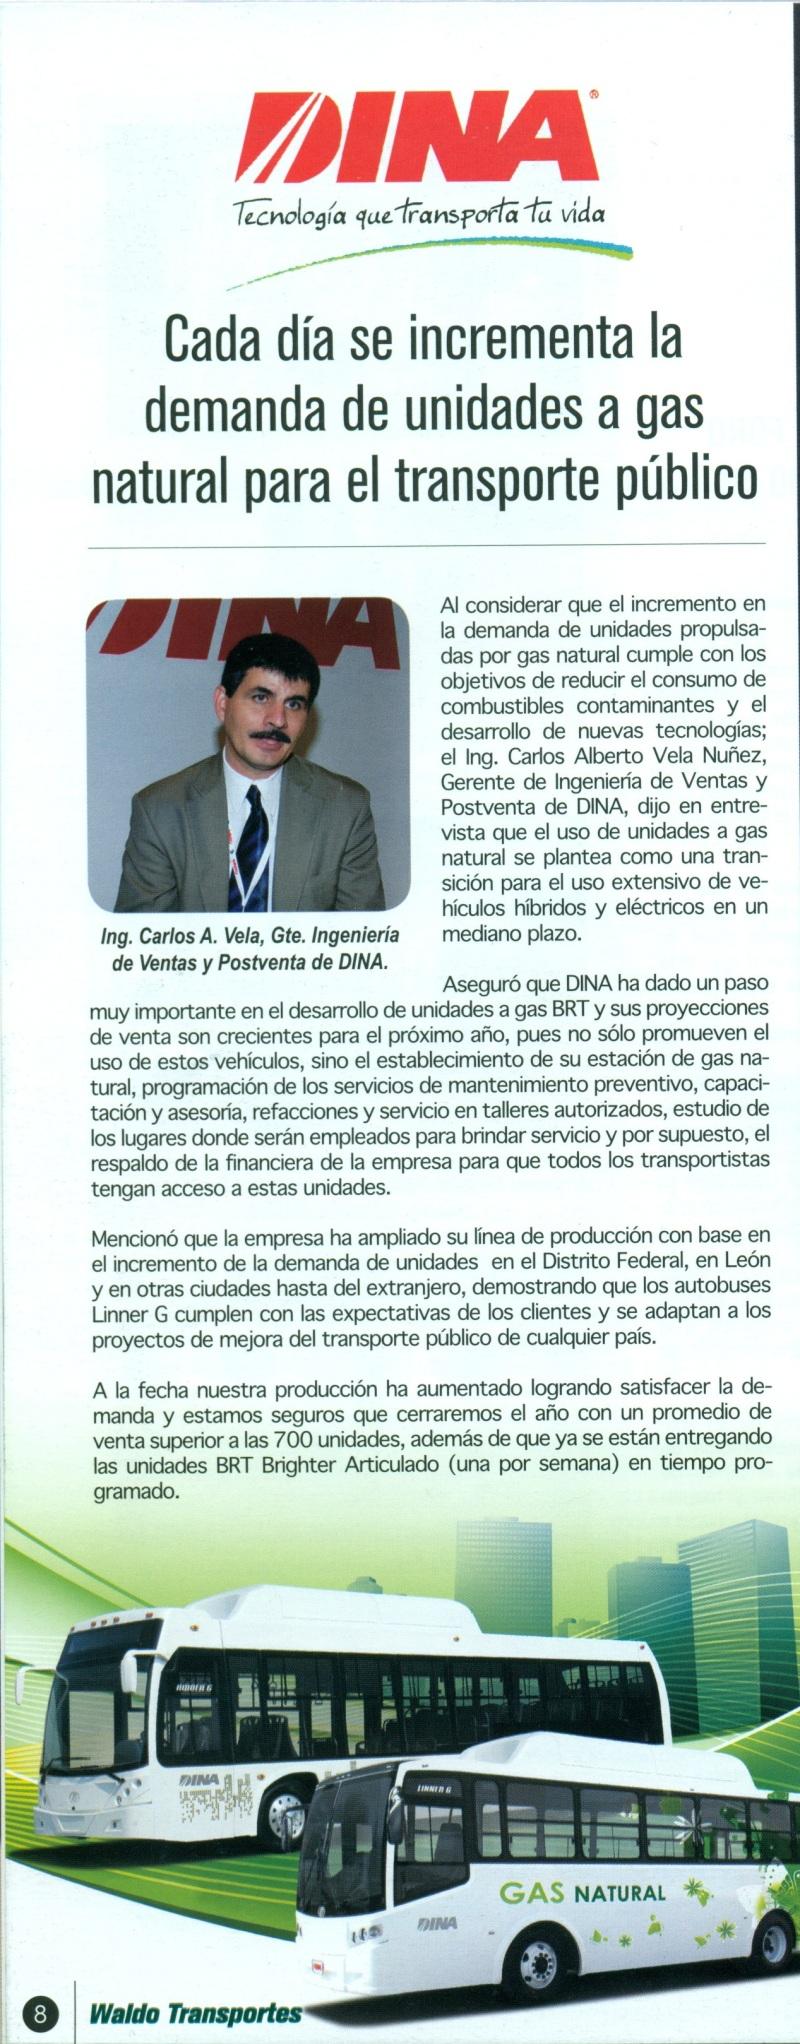 Revista Waldos Transporte Octubre 2013 Pag.8